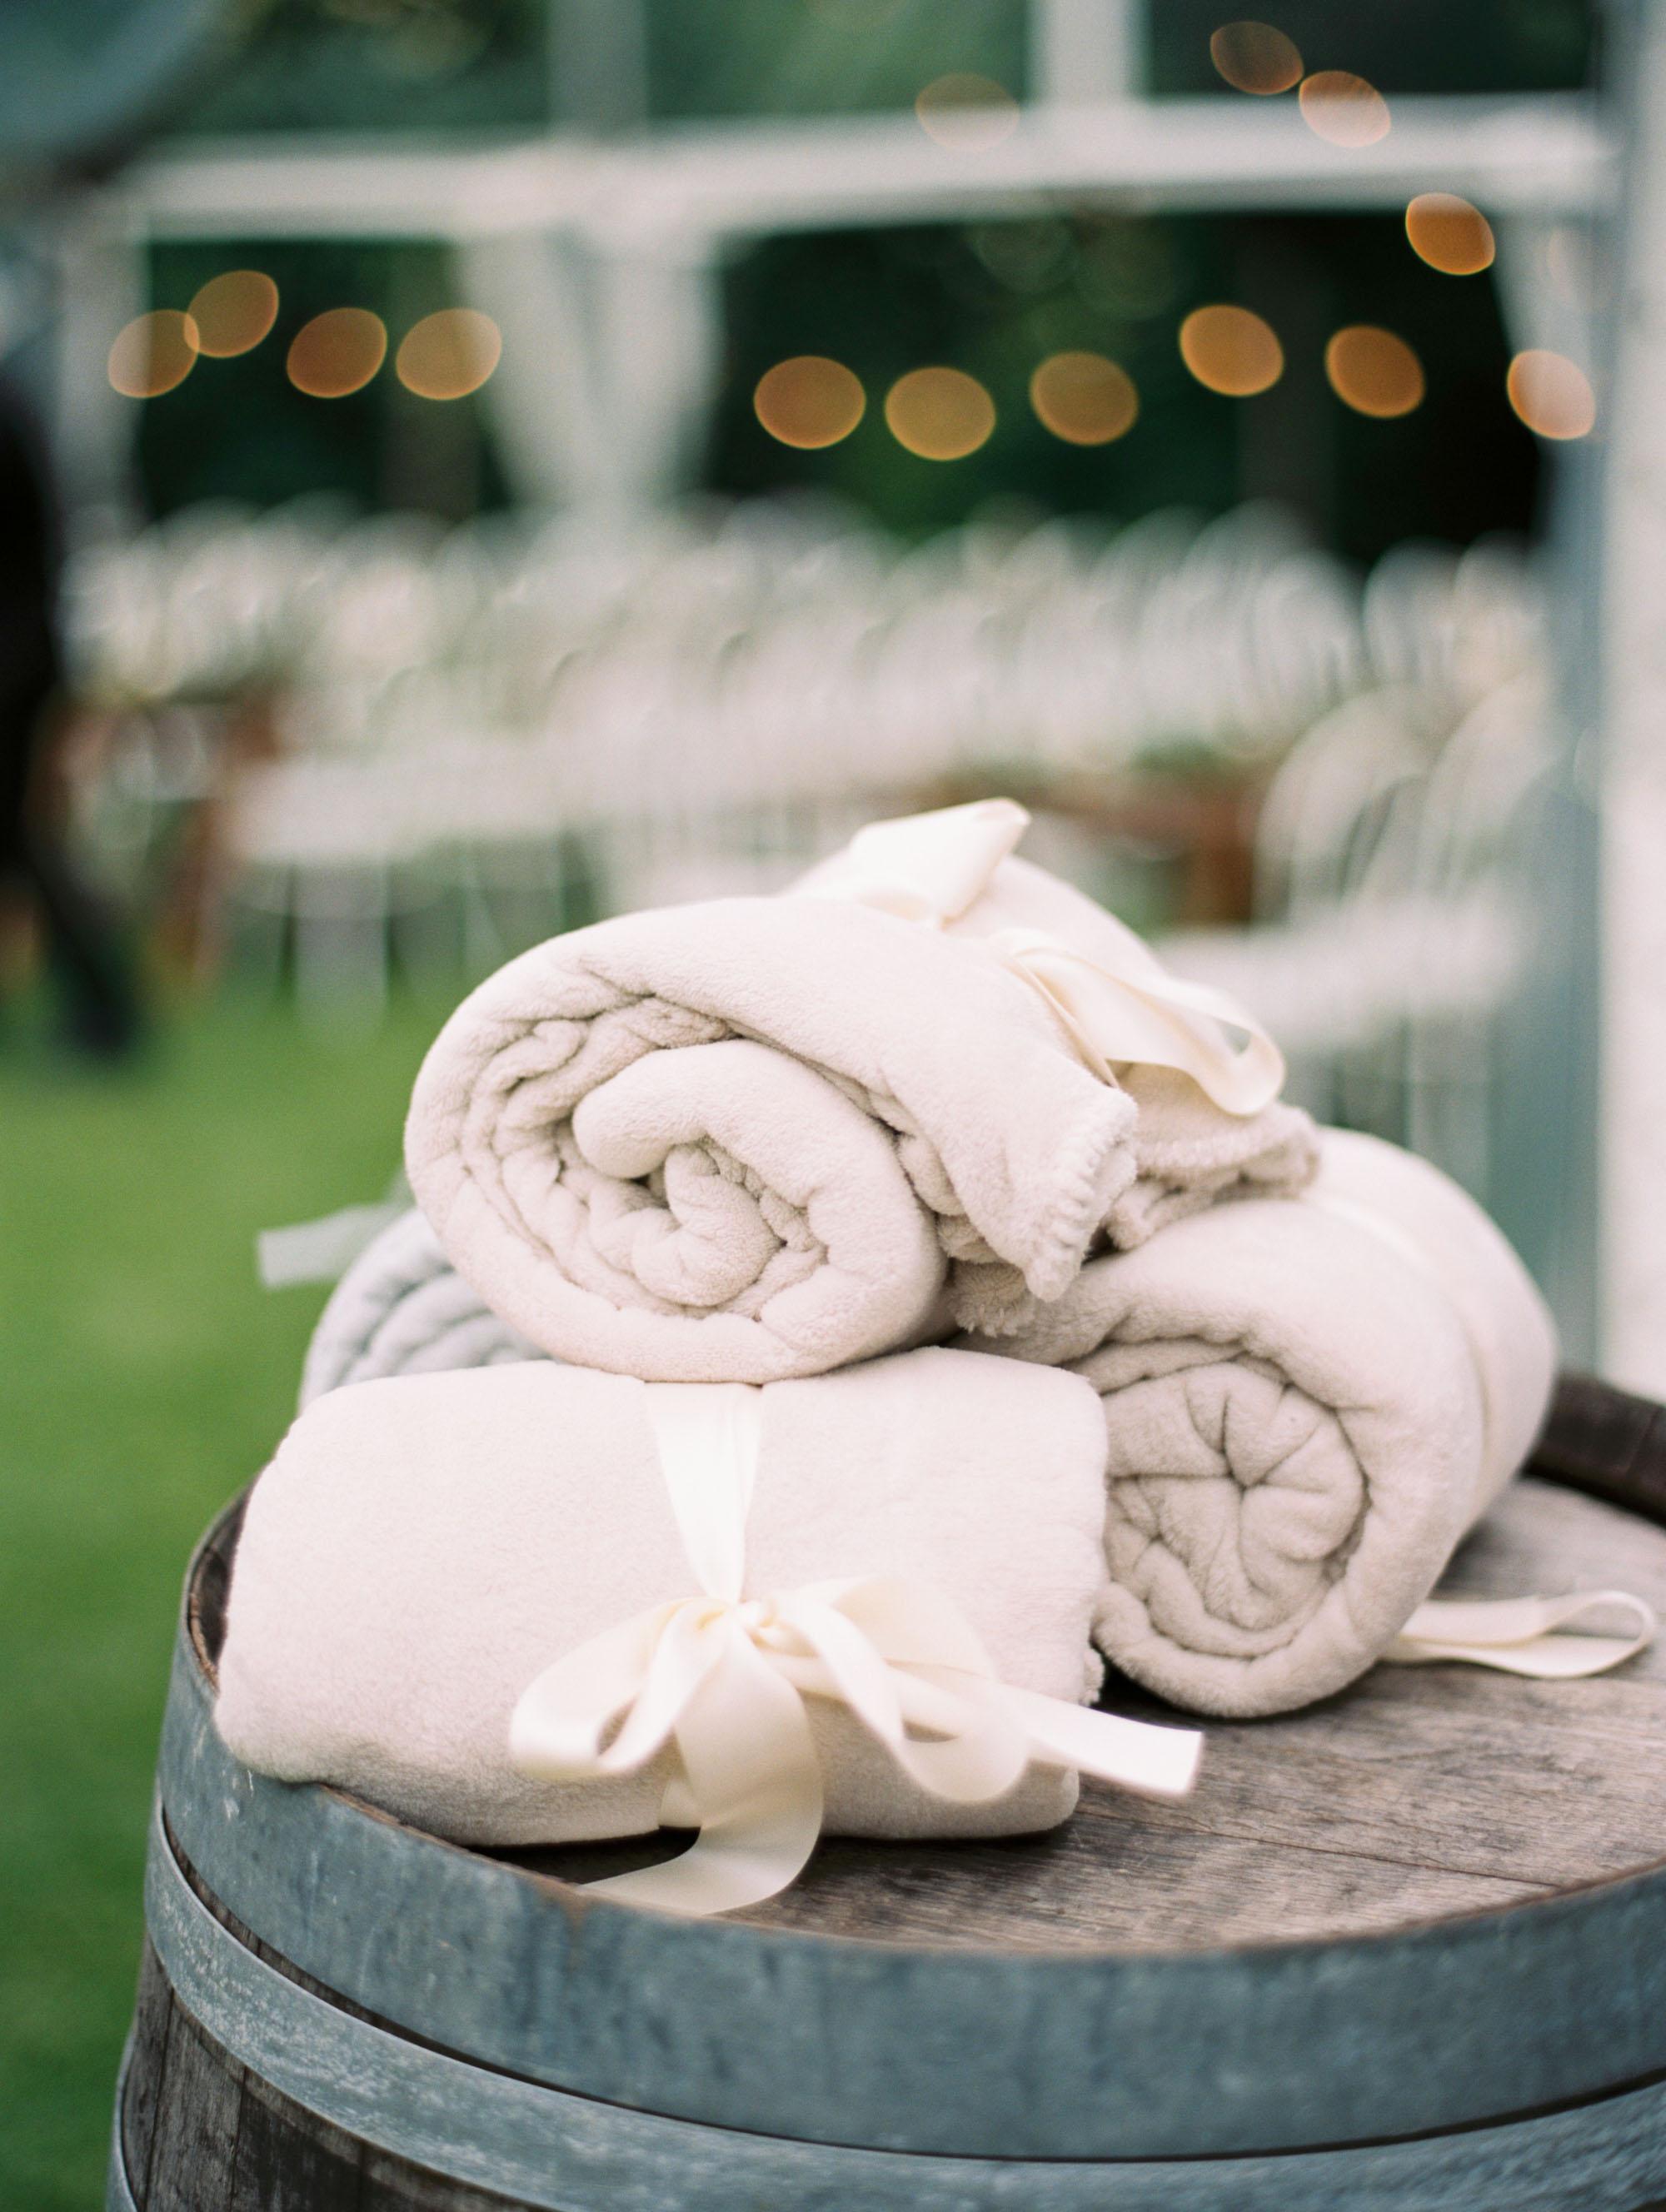 Whitehouse-hahndorf-wedding-photography-092.jpg